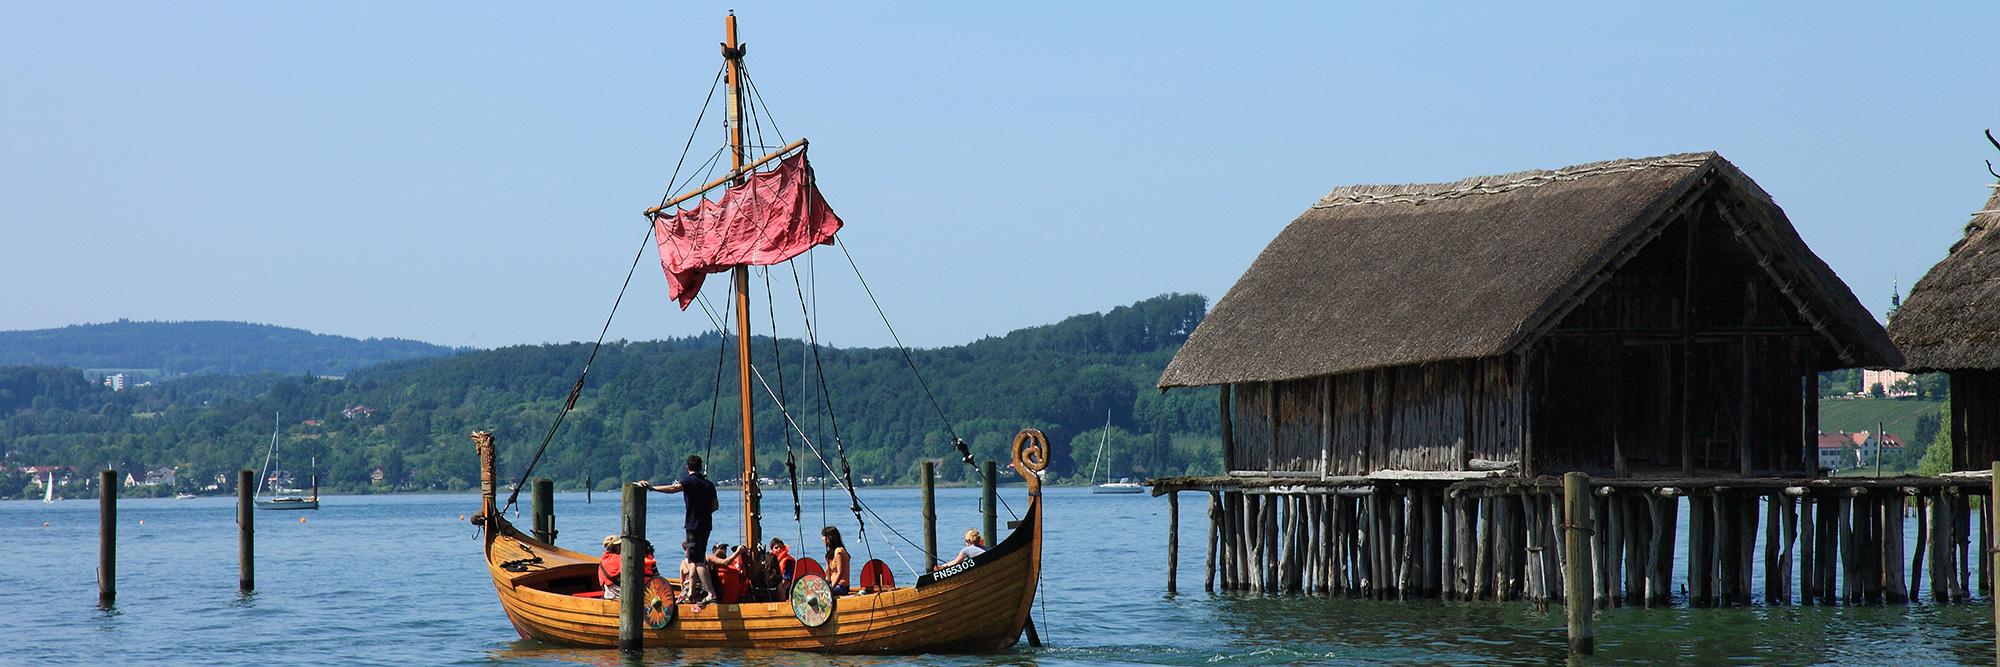 Pêche sur un bateau viking